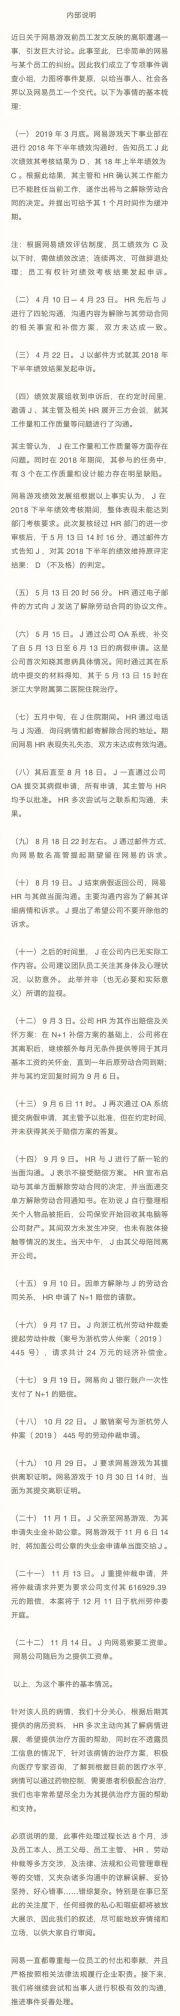 网易内部说明暴力裁员:沟通夹杂好心错事被索赔61万